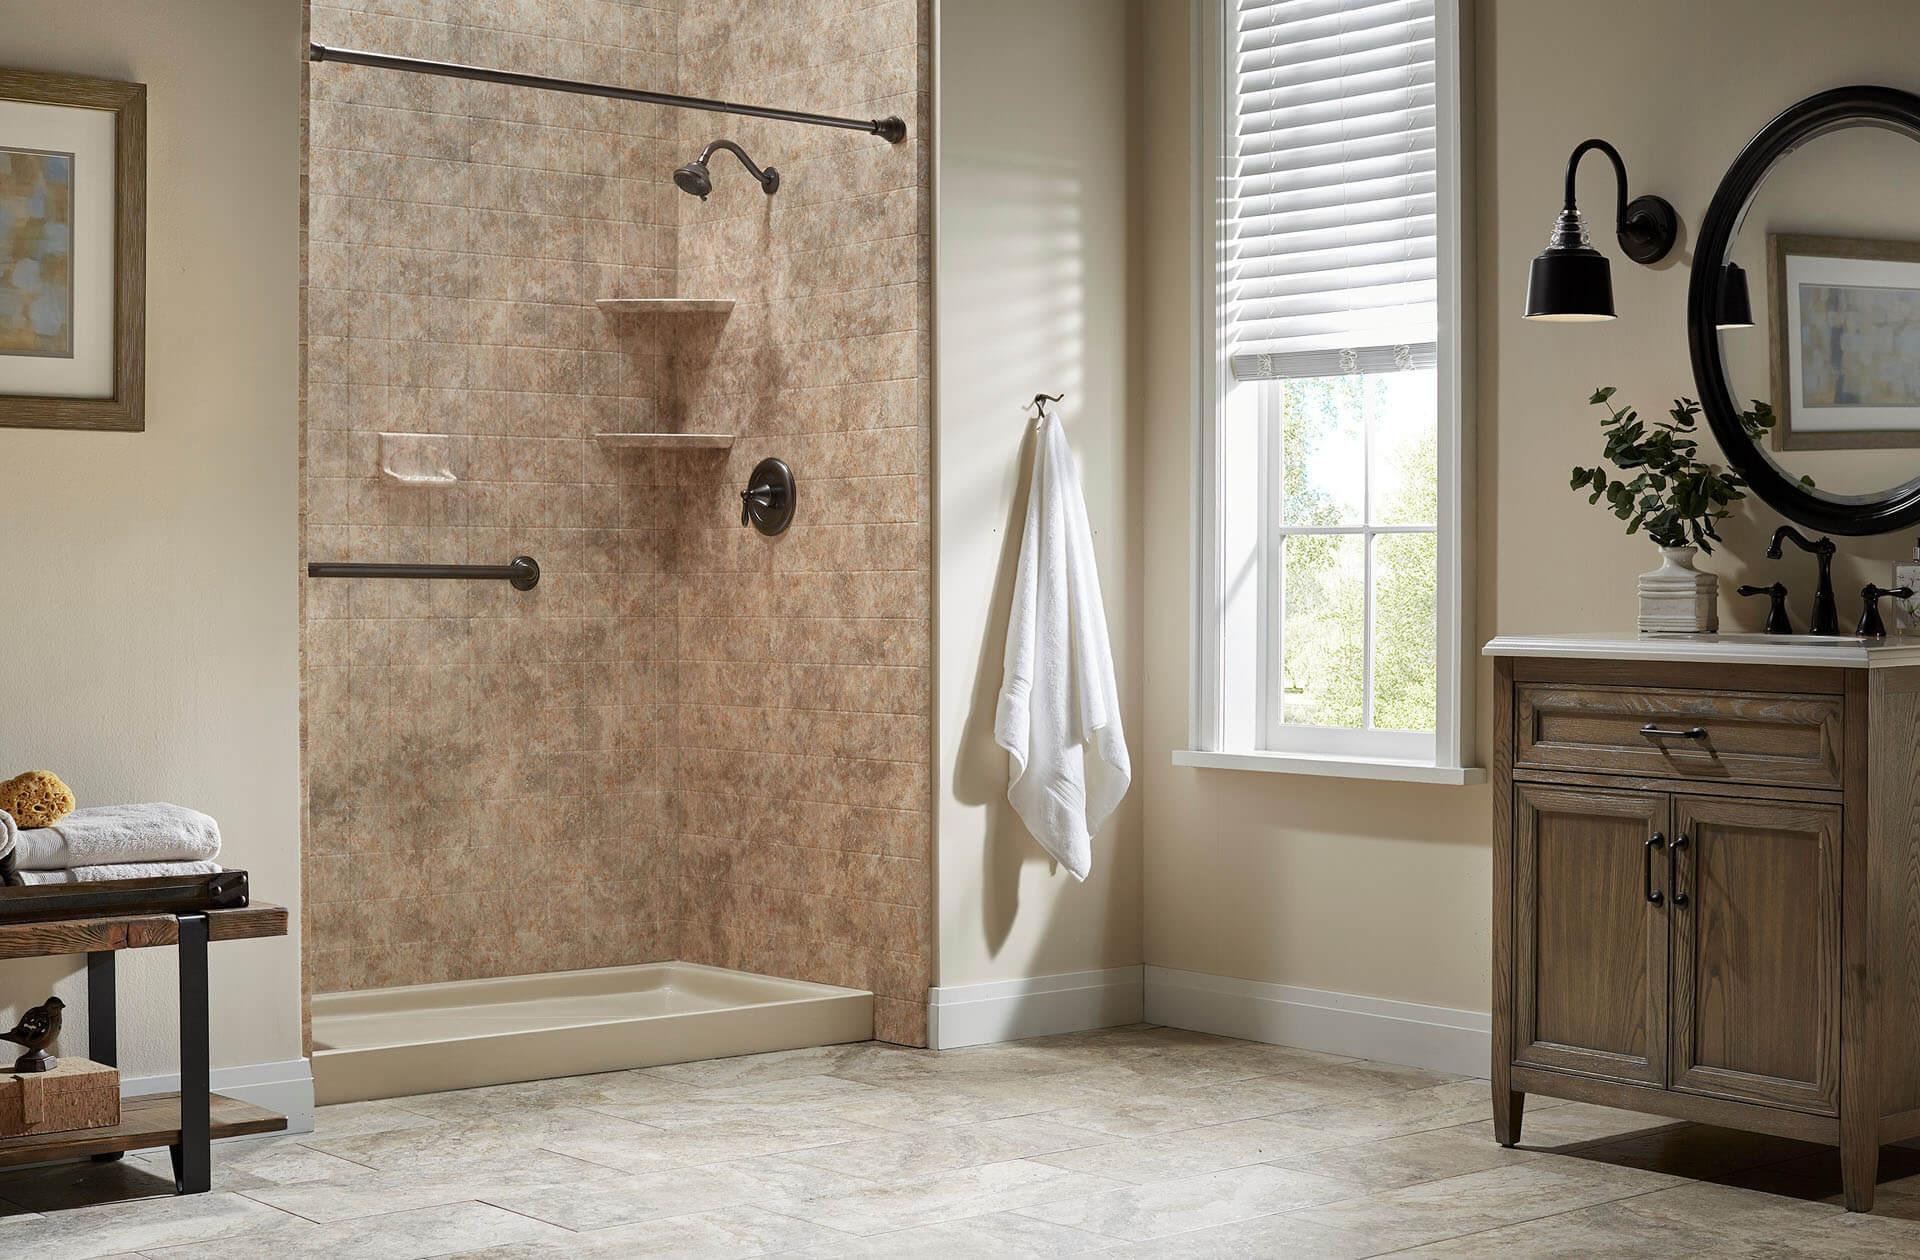 Bathroom Remodeling Contractors, Bathroom Remodel Colorado Springs Cost